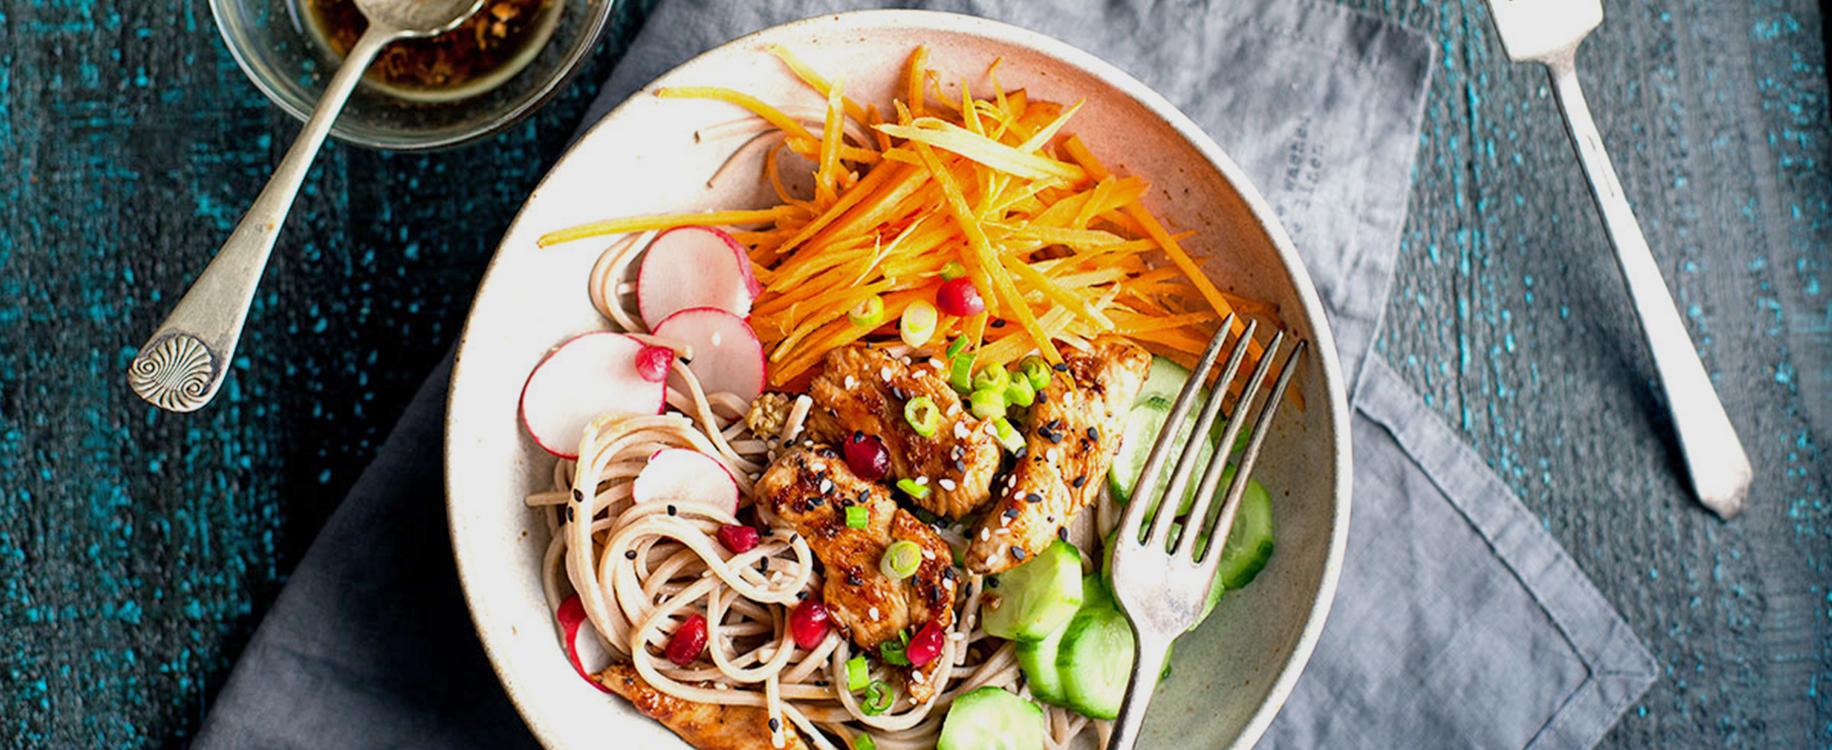 Photo Recette Nouilles Soba au Poulet Grillé à L'asiatique et Salade Croquante